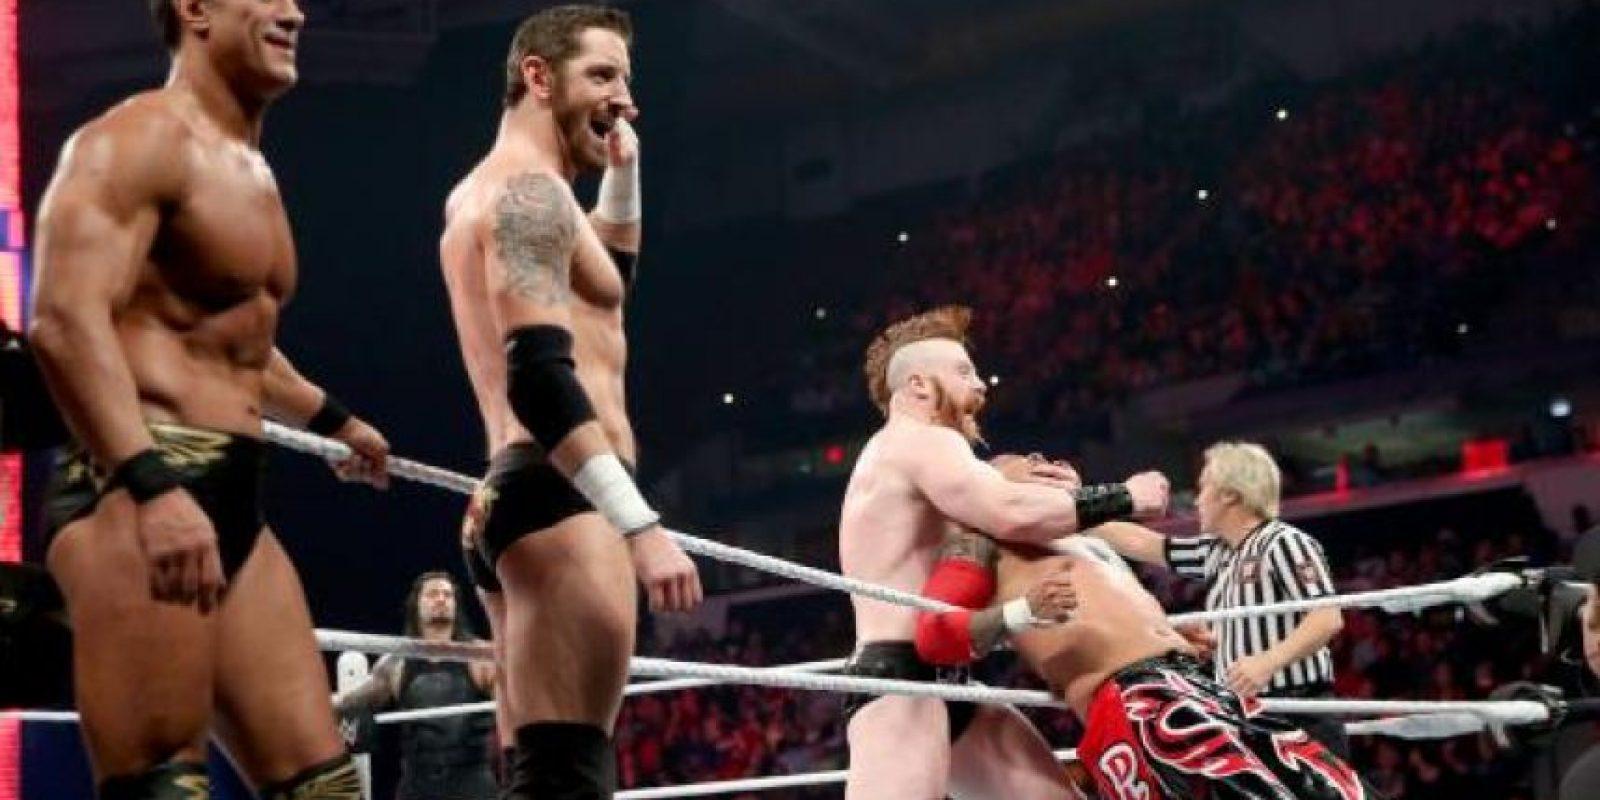 """La """"Liga de las Naciones"""" está conformada por Sheamus, Rusev, Alberto del Río y King Barret. Foto:WWE"""